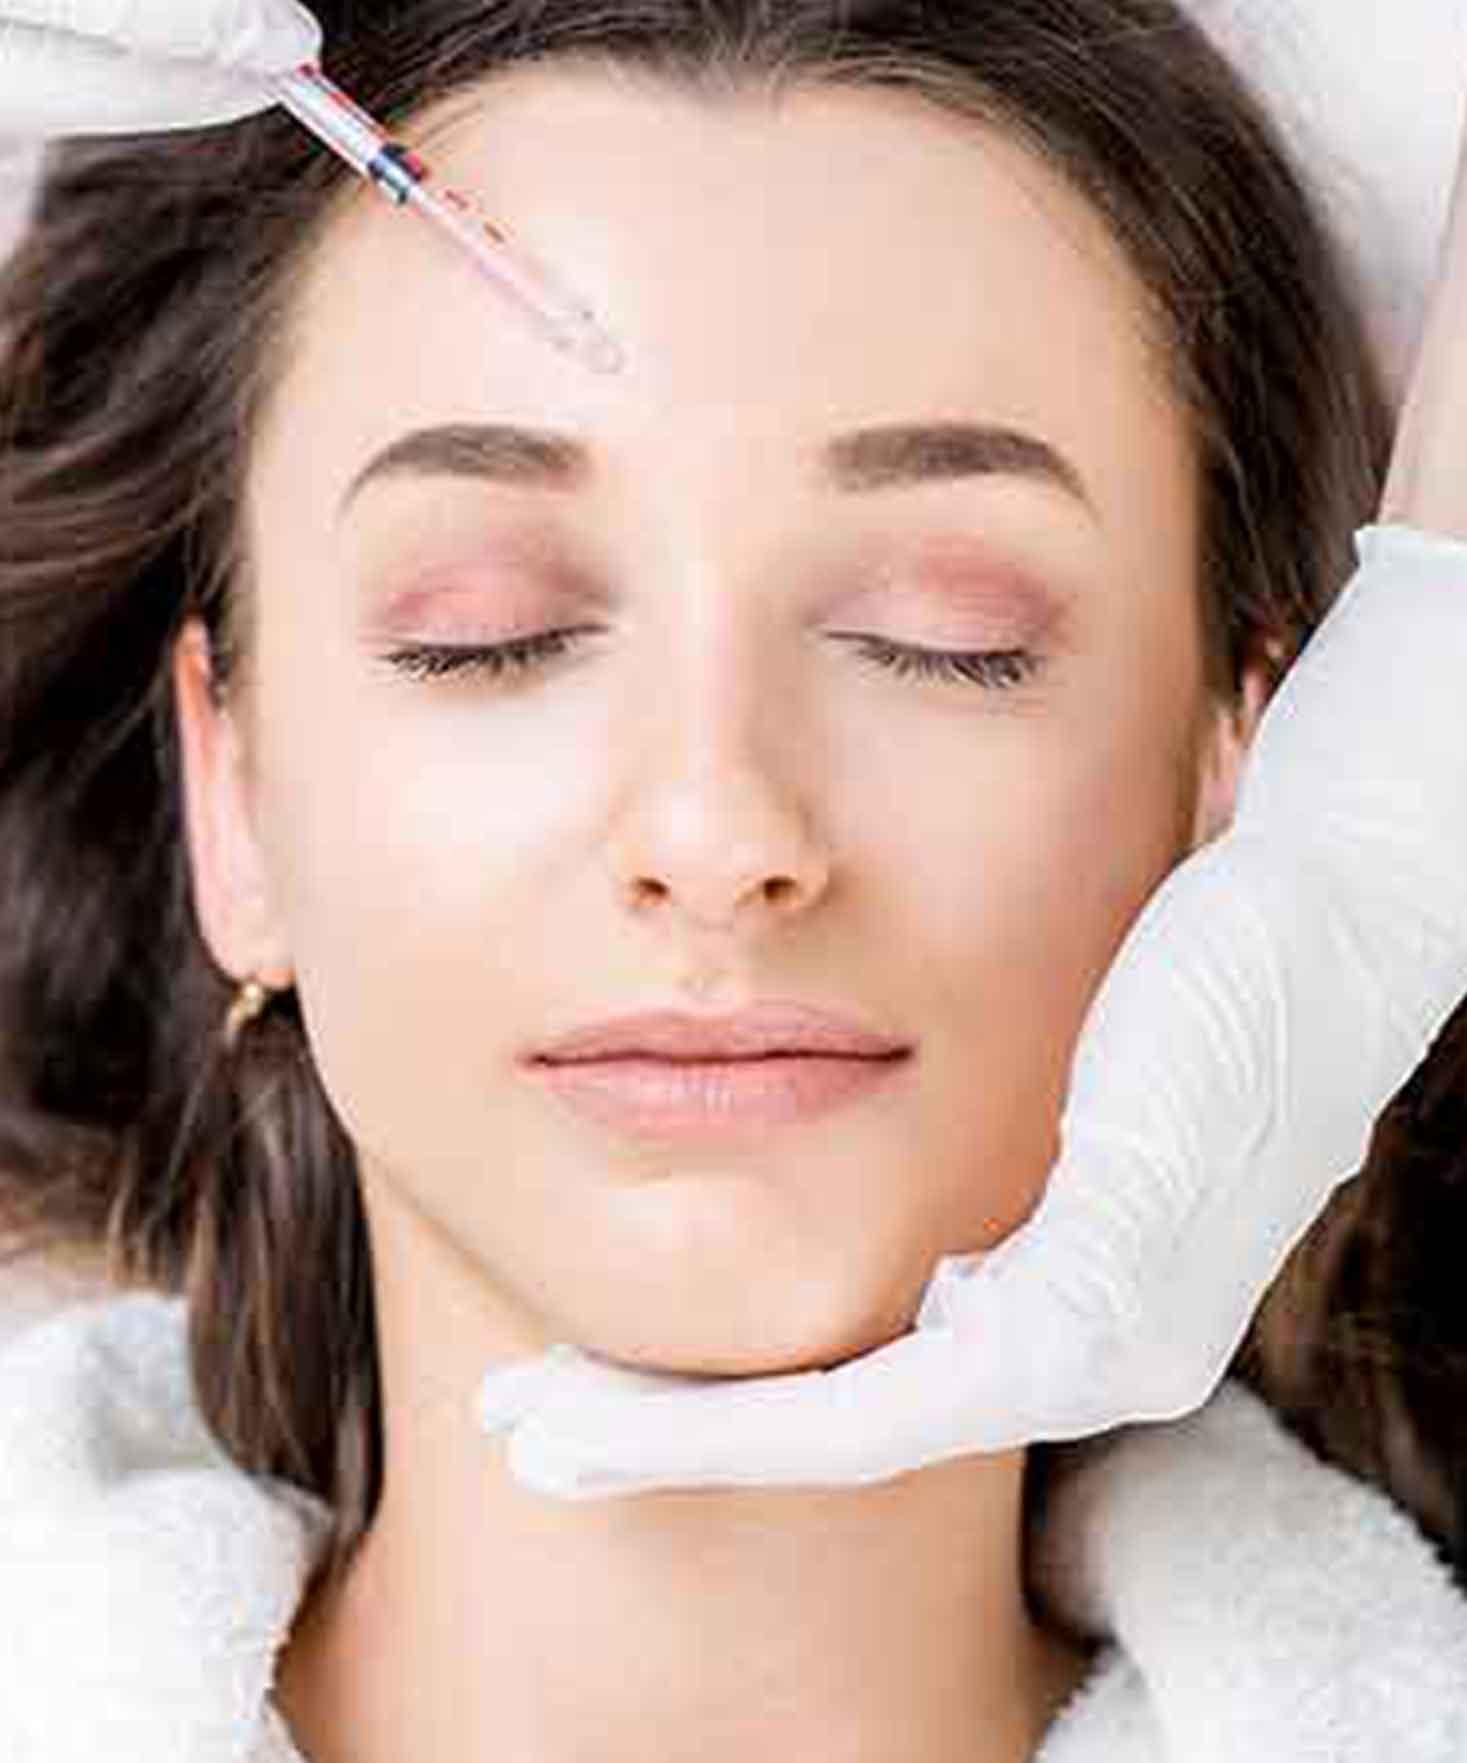 Médecine esthétique : La petite histoire du Botox